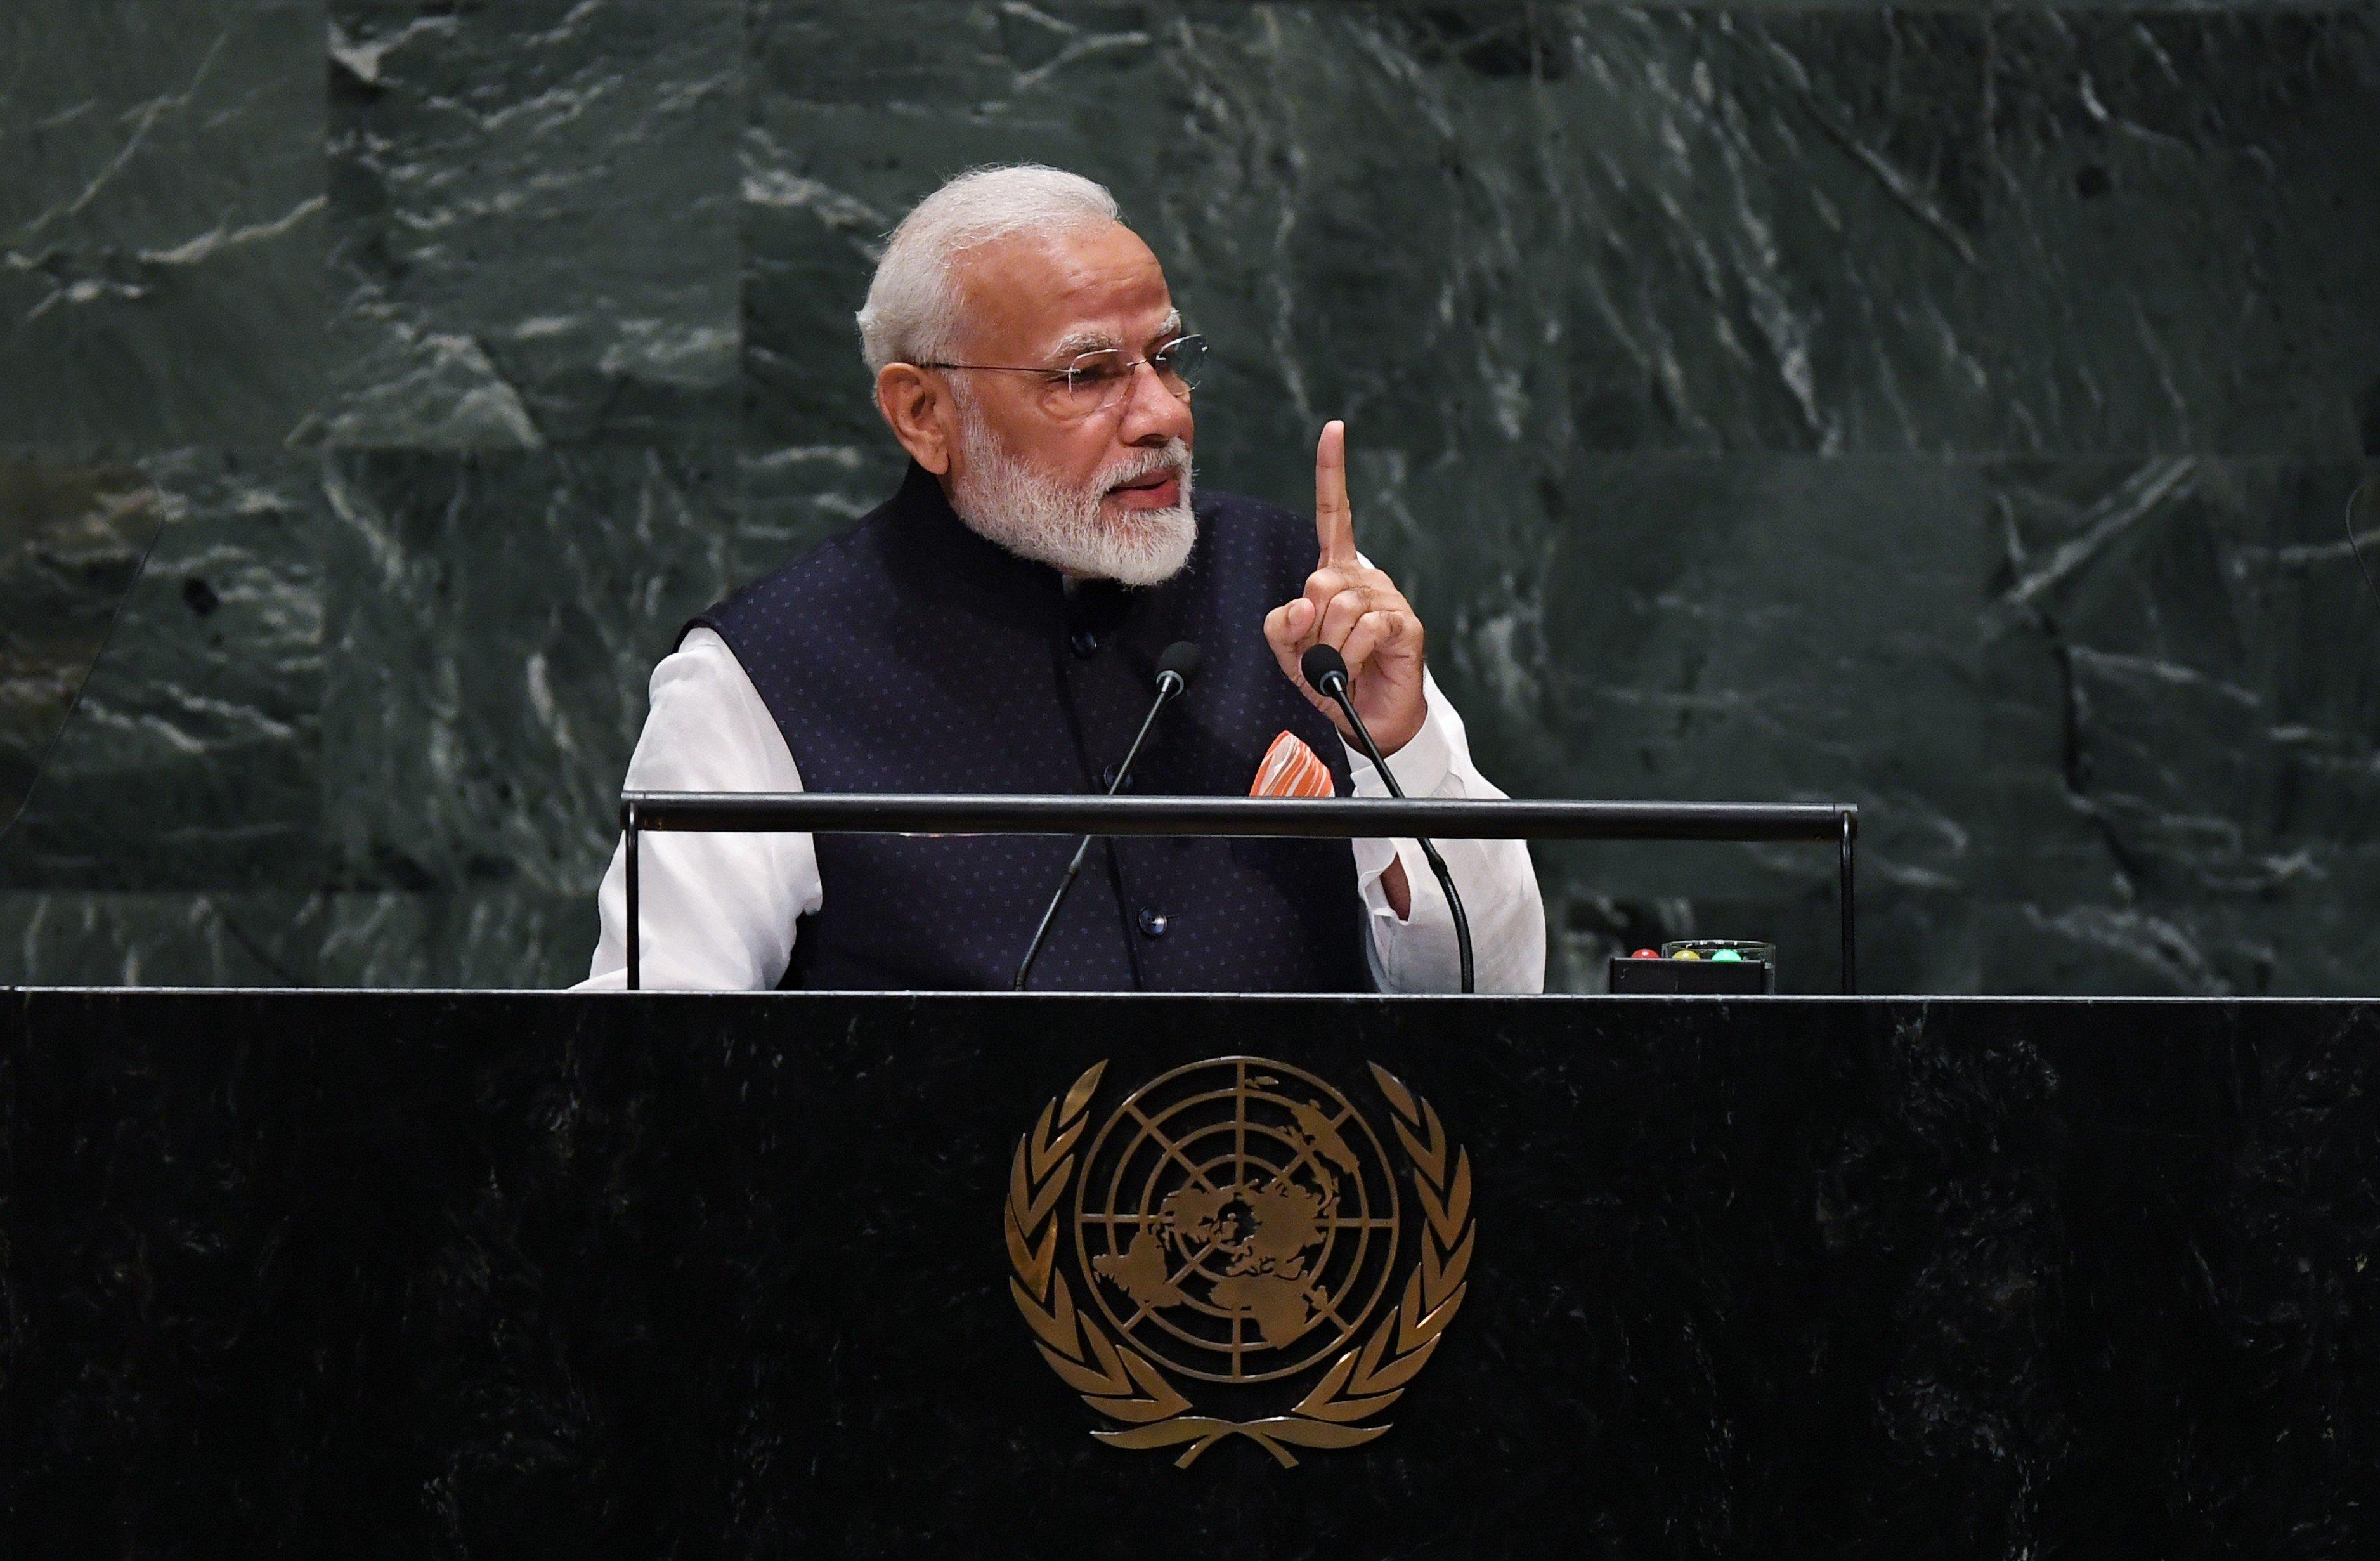 File photo courtesy: Twitter/@PIB_India